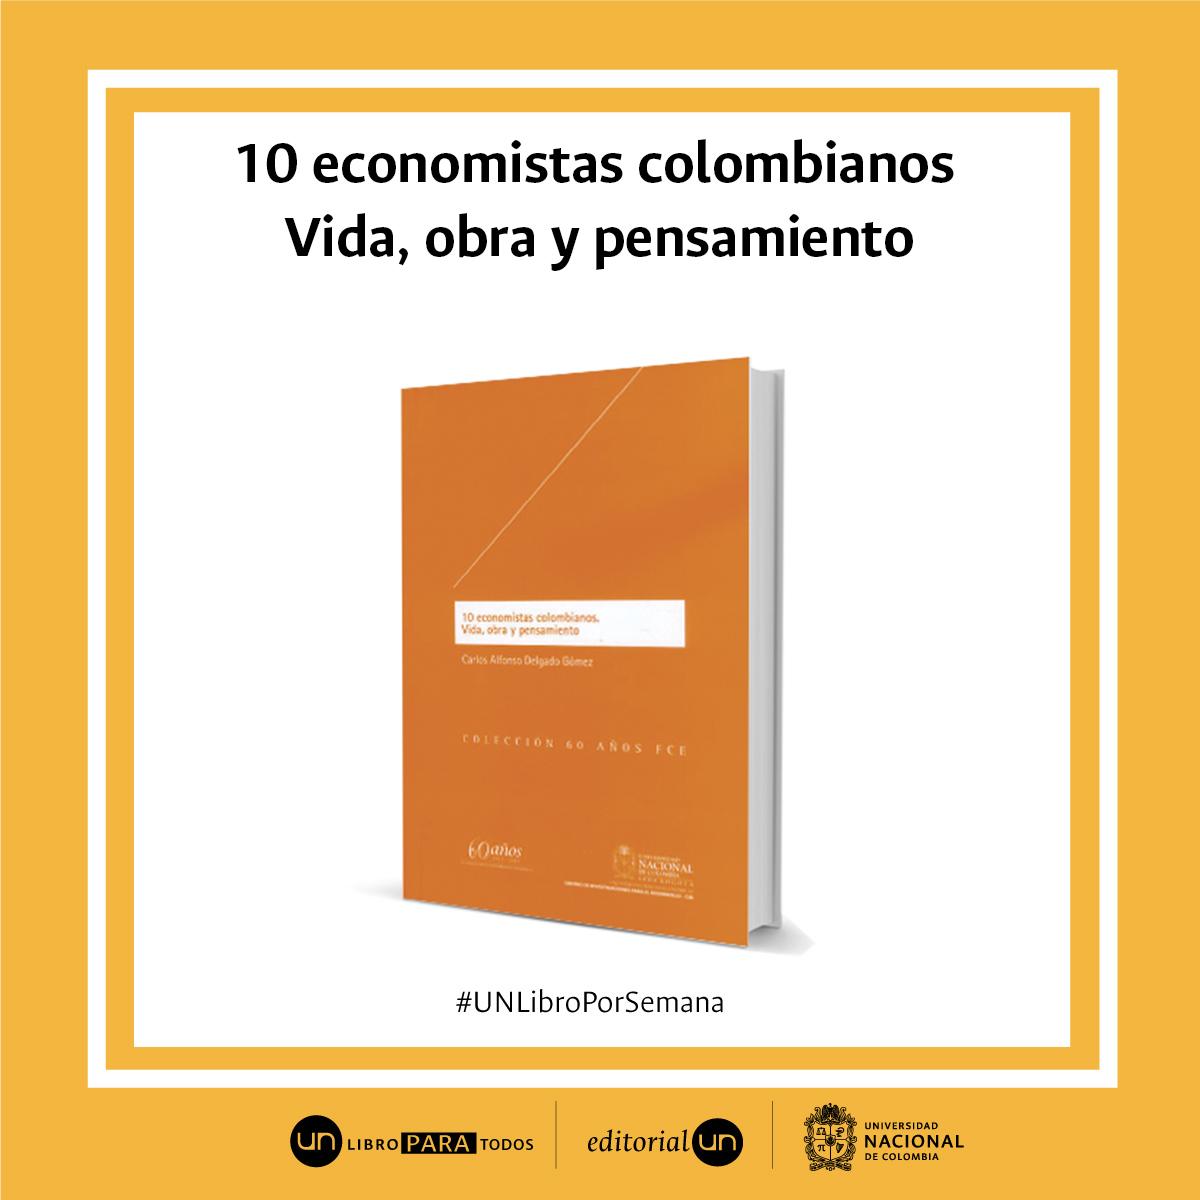 '10 economistas colombianos. Vida, obra y pensamiento'